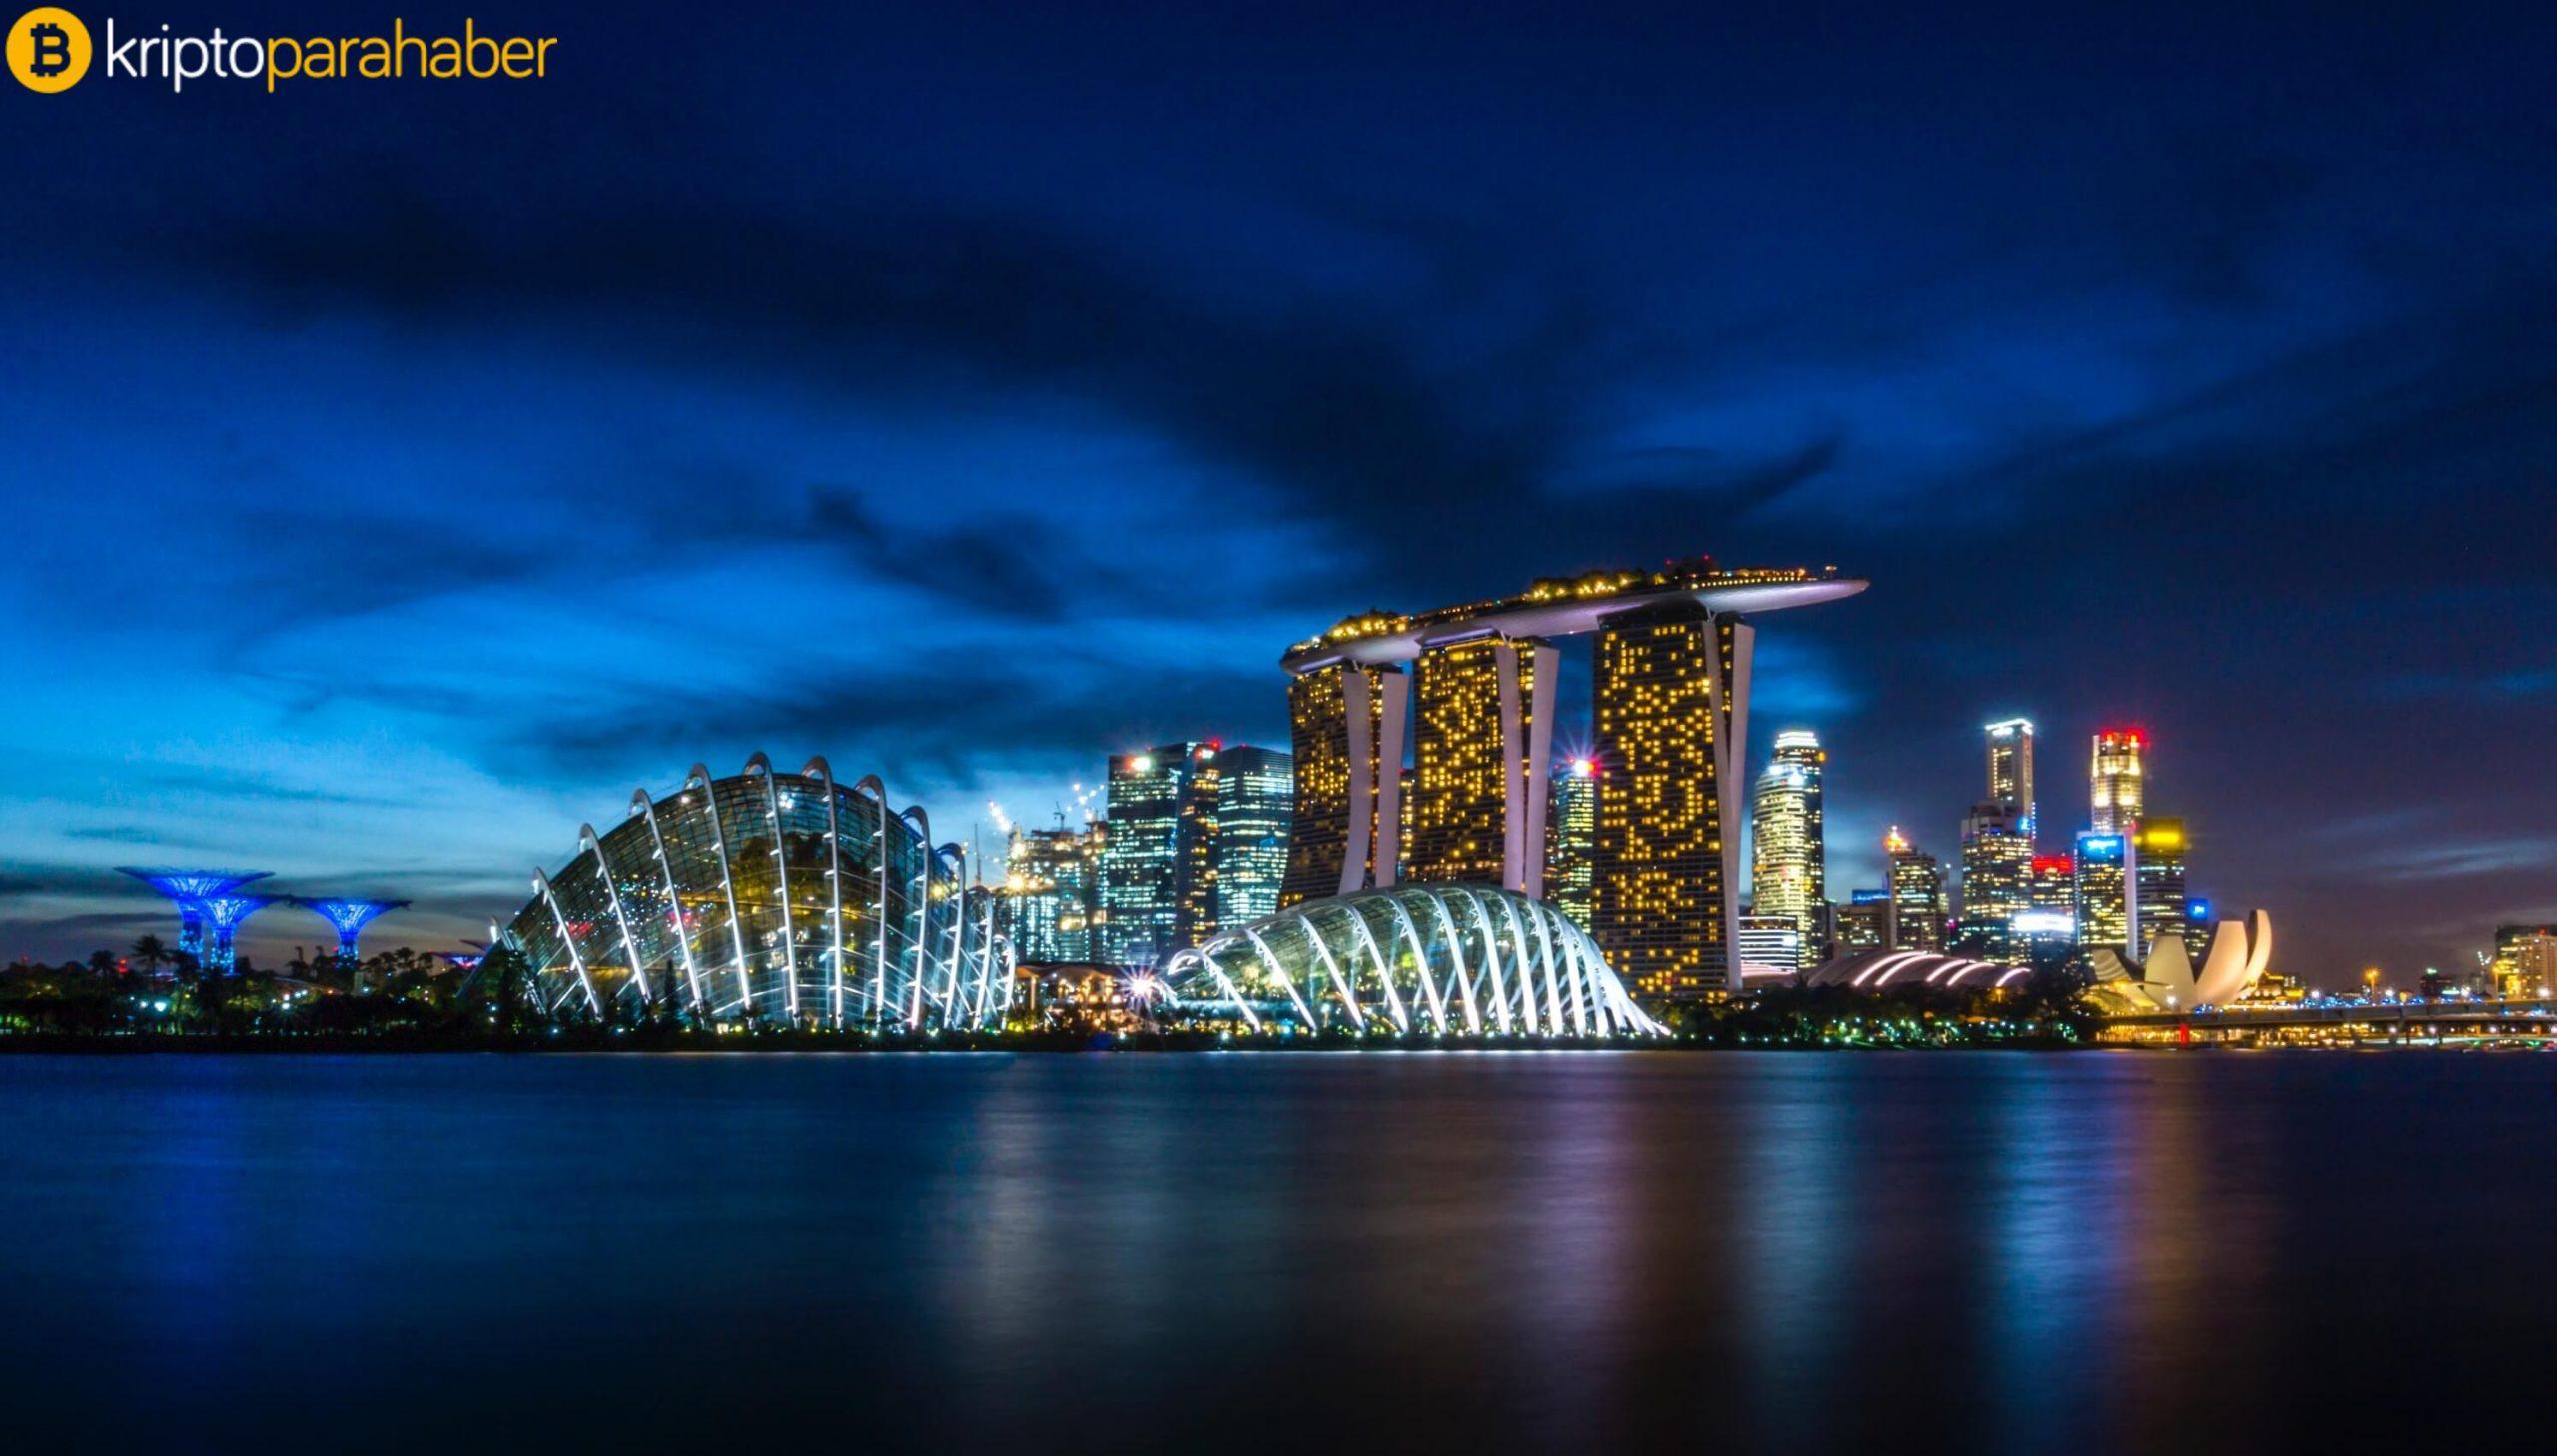 Singapur Blockchain patent onaylarını 6 aygibi kısa bir sürece indirgemeyi hedefliyor